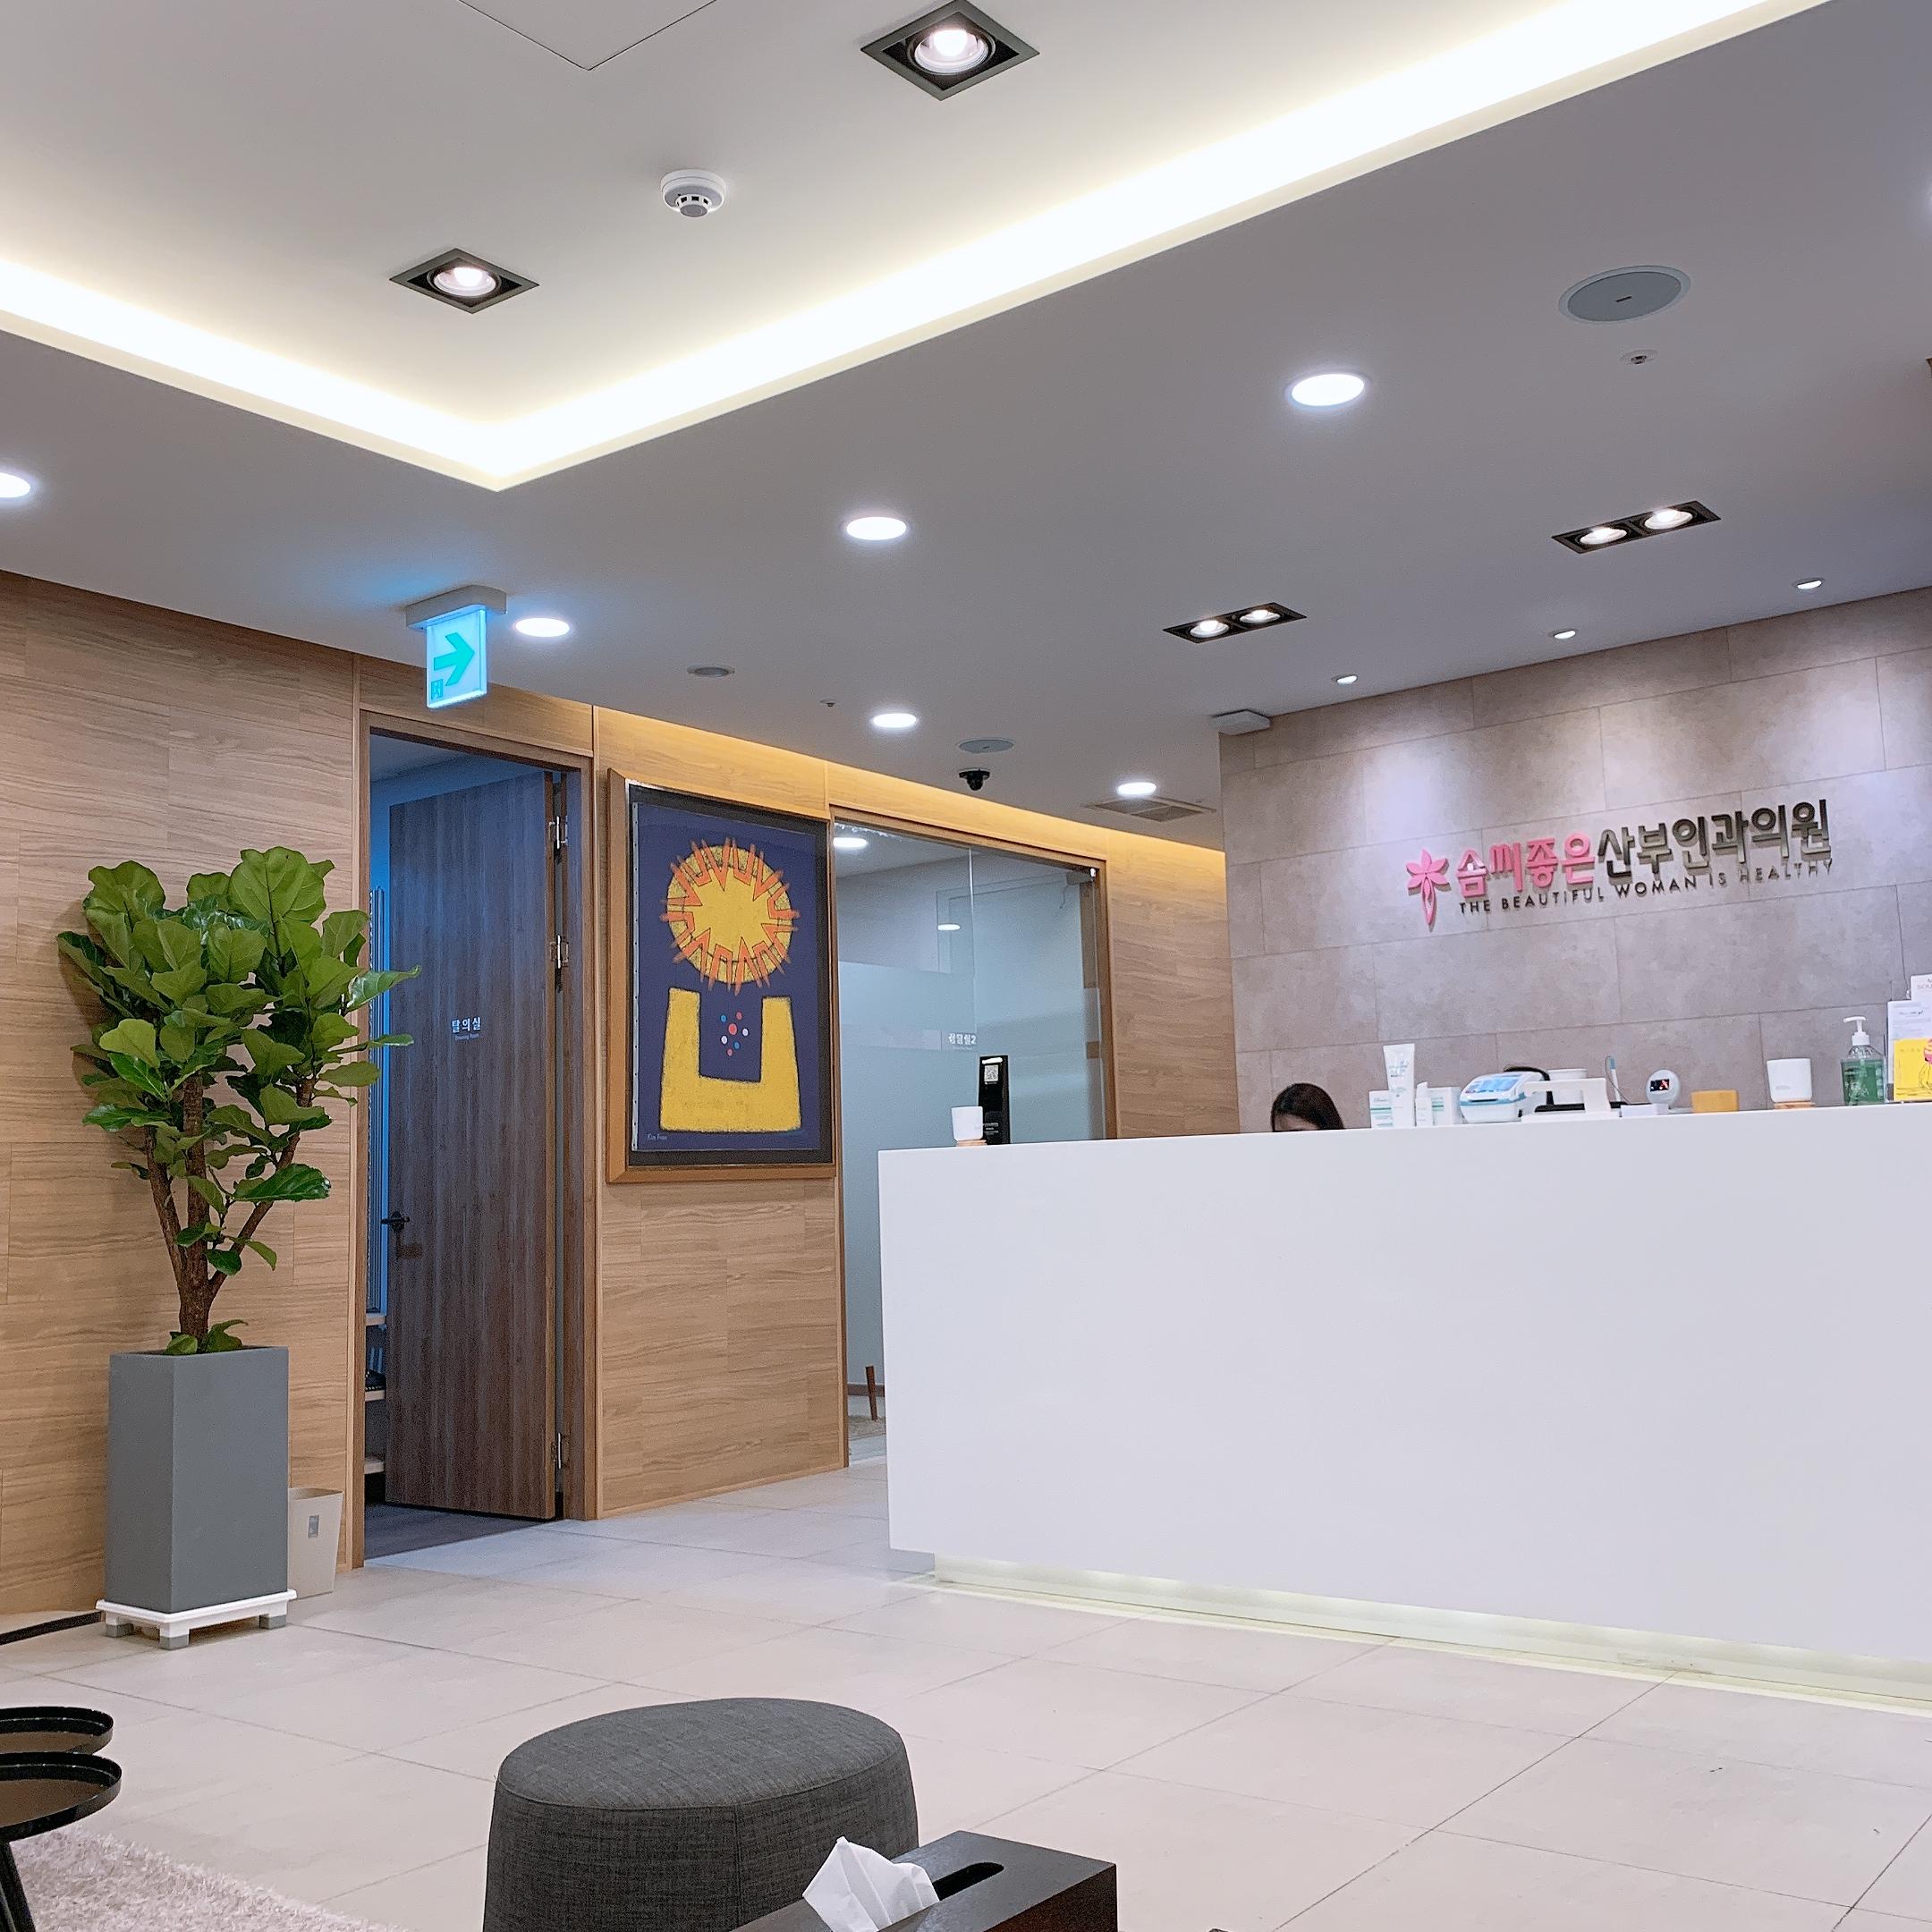 韩国好手艺妇科医院室内环境图